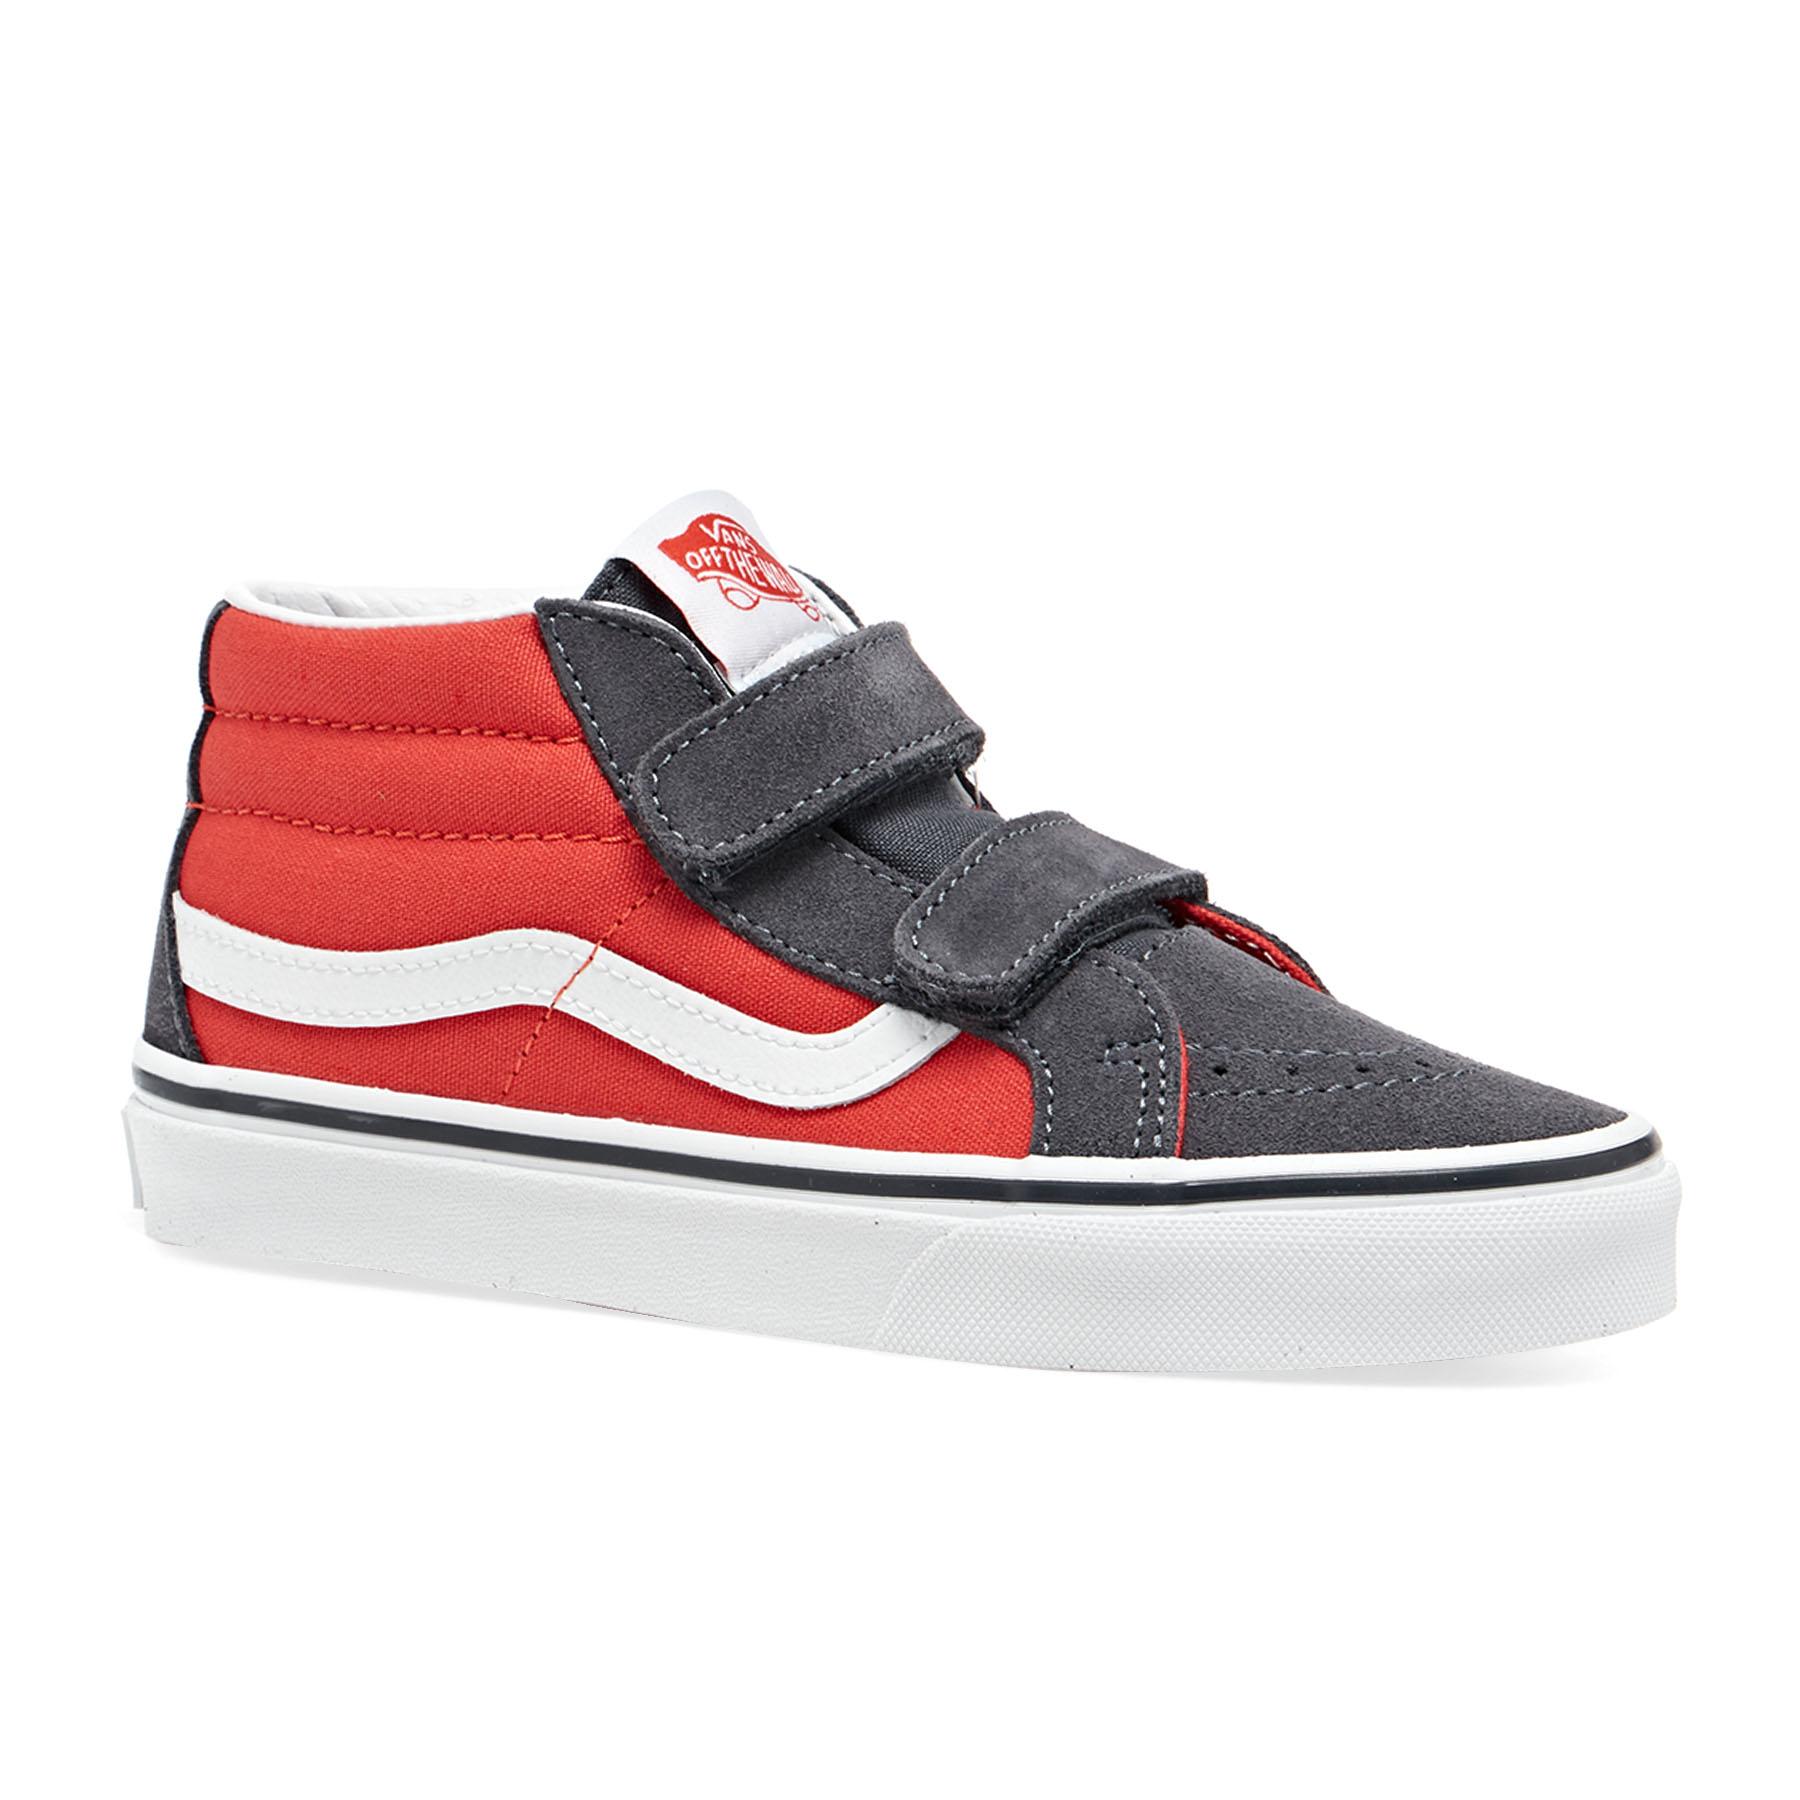 Chaussures pour filles | Options de livraison gratuite